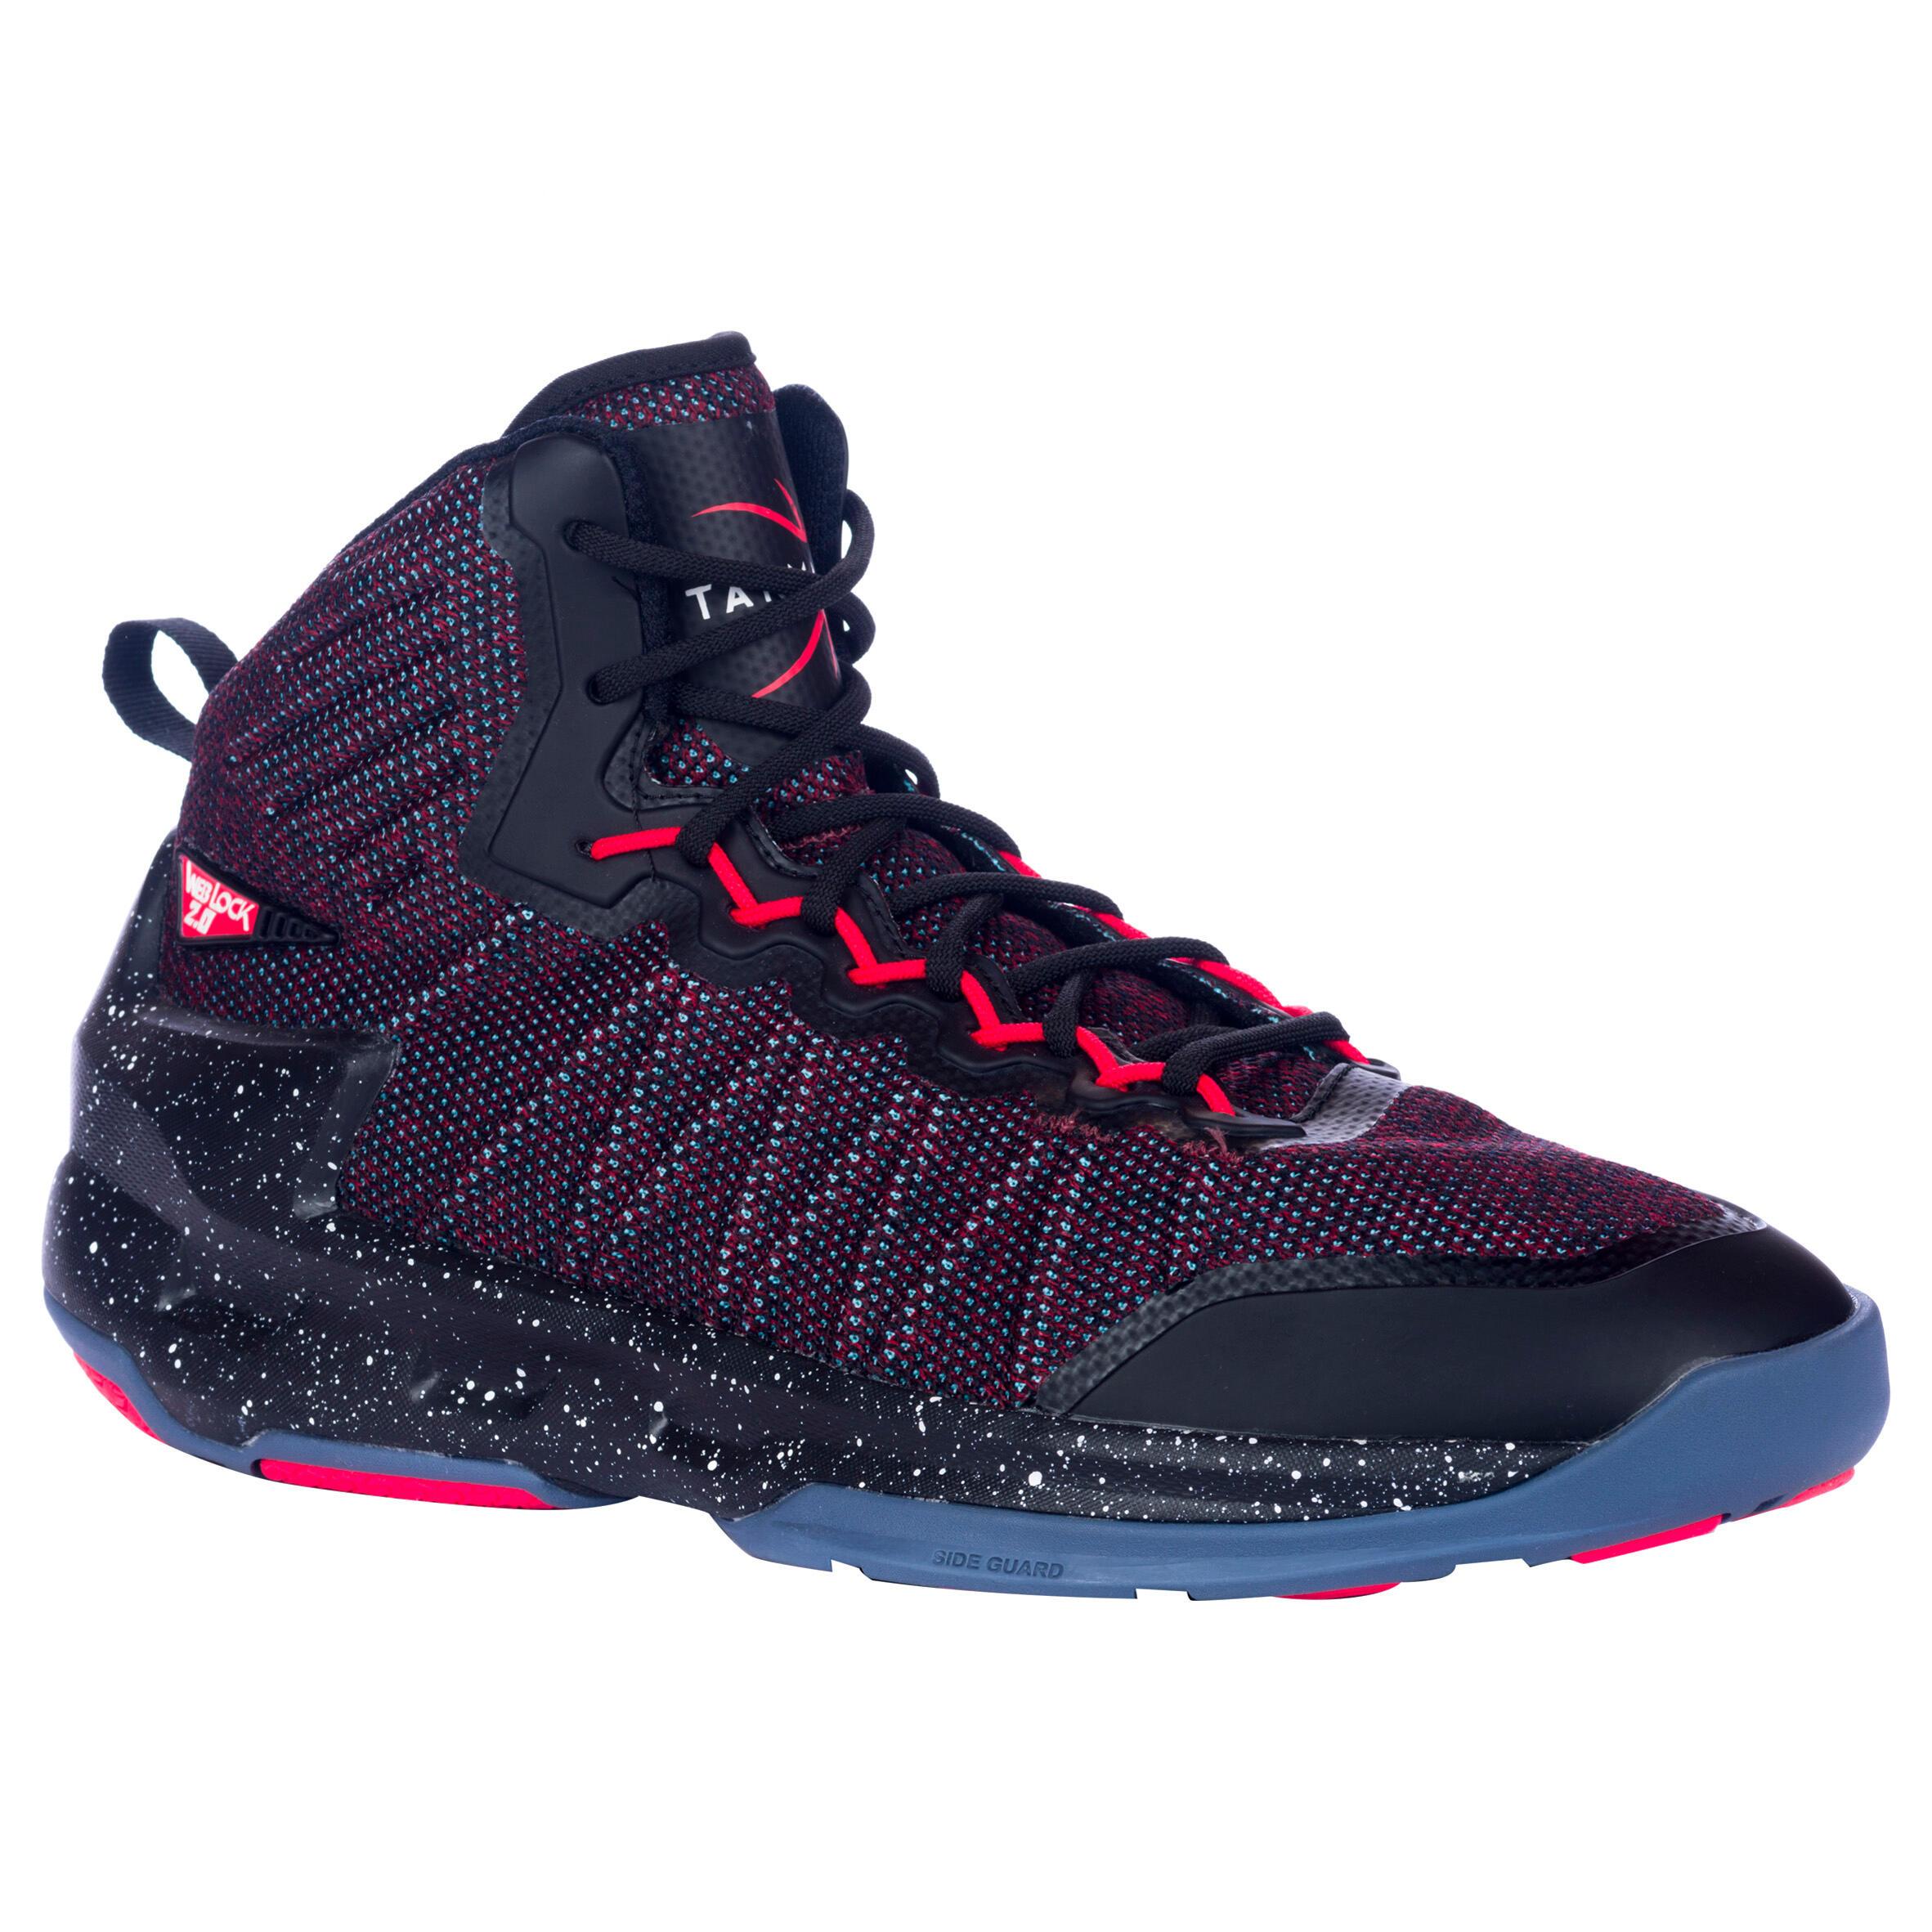 Chaussure de basketball adulte confirmé/expert Homme/Femme Shield 500 rouge noir